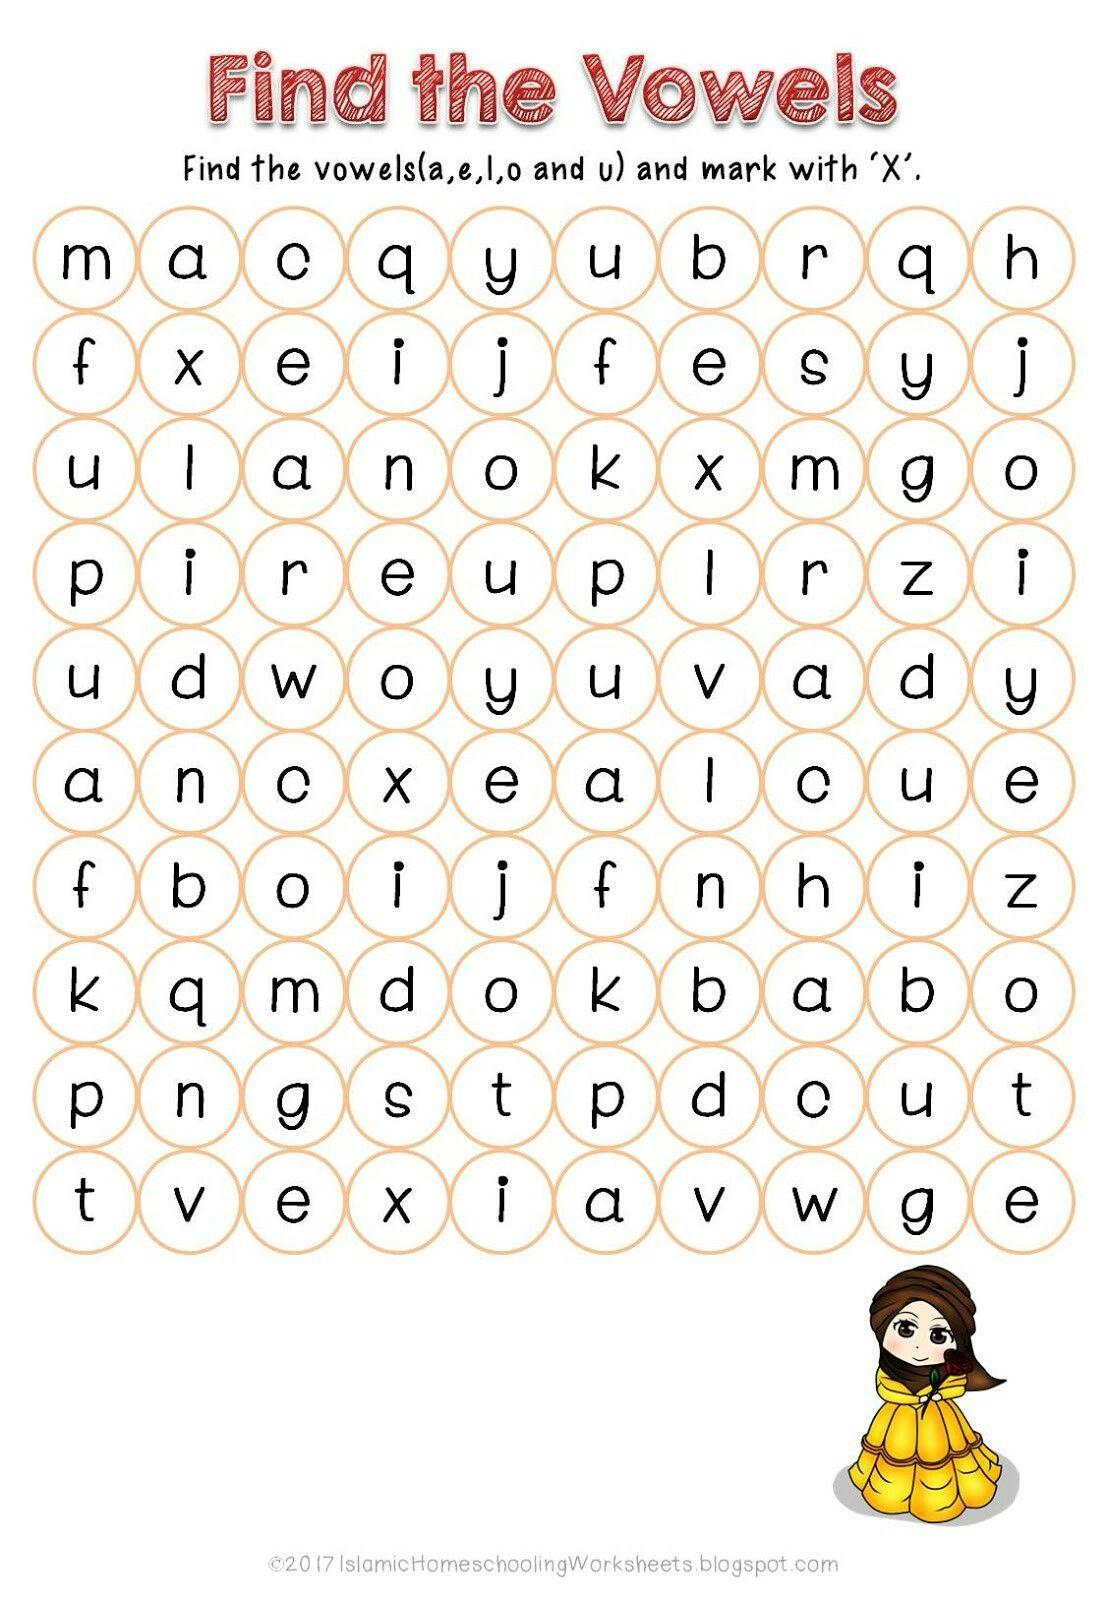 Find The Vowels In Free Disney Princess Preschool Pack Islamic Version Vowel Worksheets Kindergarten Worksheets Kindergarten Worksheets Printable [ 1600 x 1108 Pixel ]